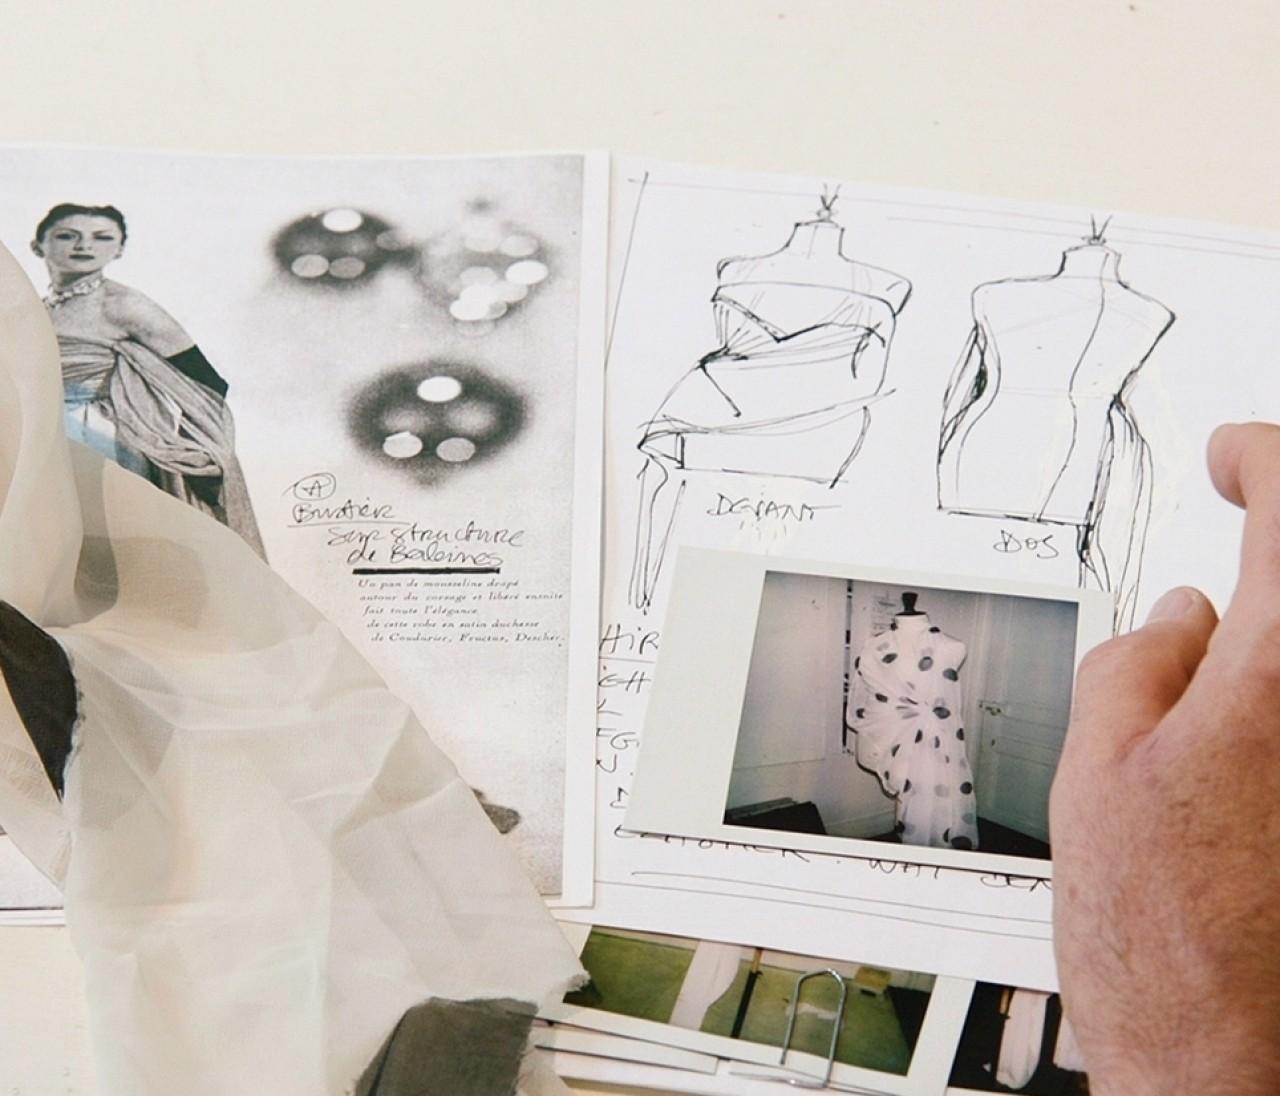 """『マルジェラが語る""""マルタン・マルジェラ""""』をレビュー!世界的ファッションデザイナーの素顔に迫る【30代のシネマナビ】"""